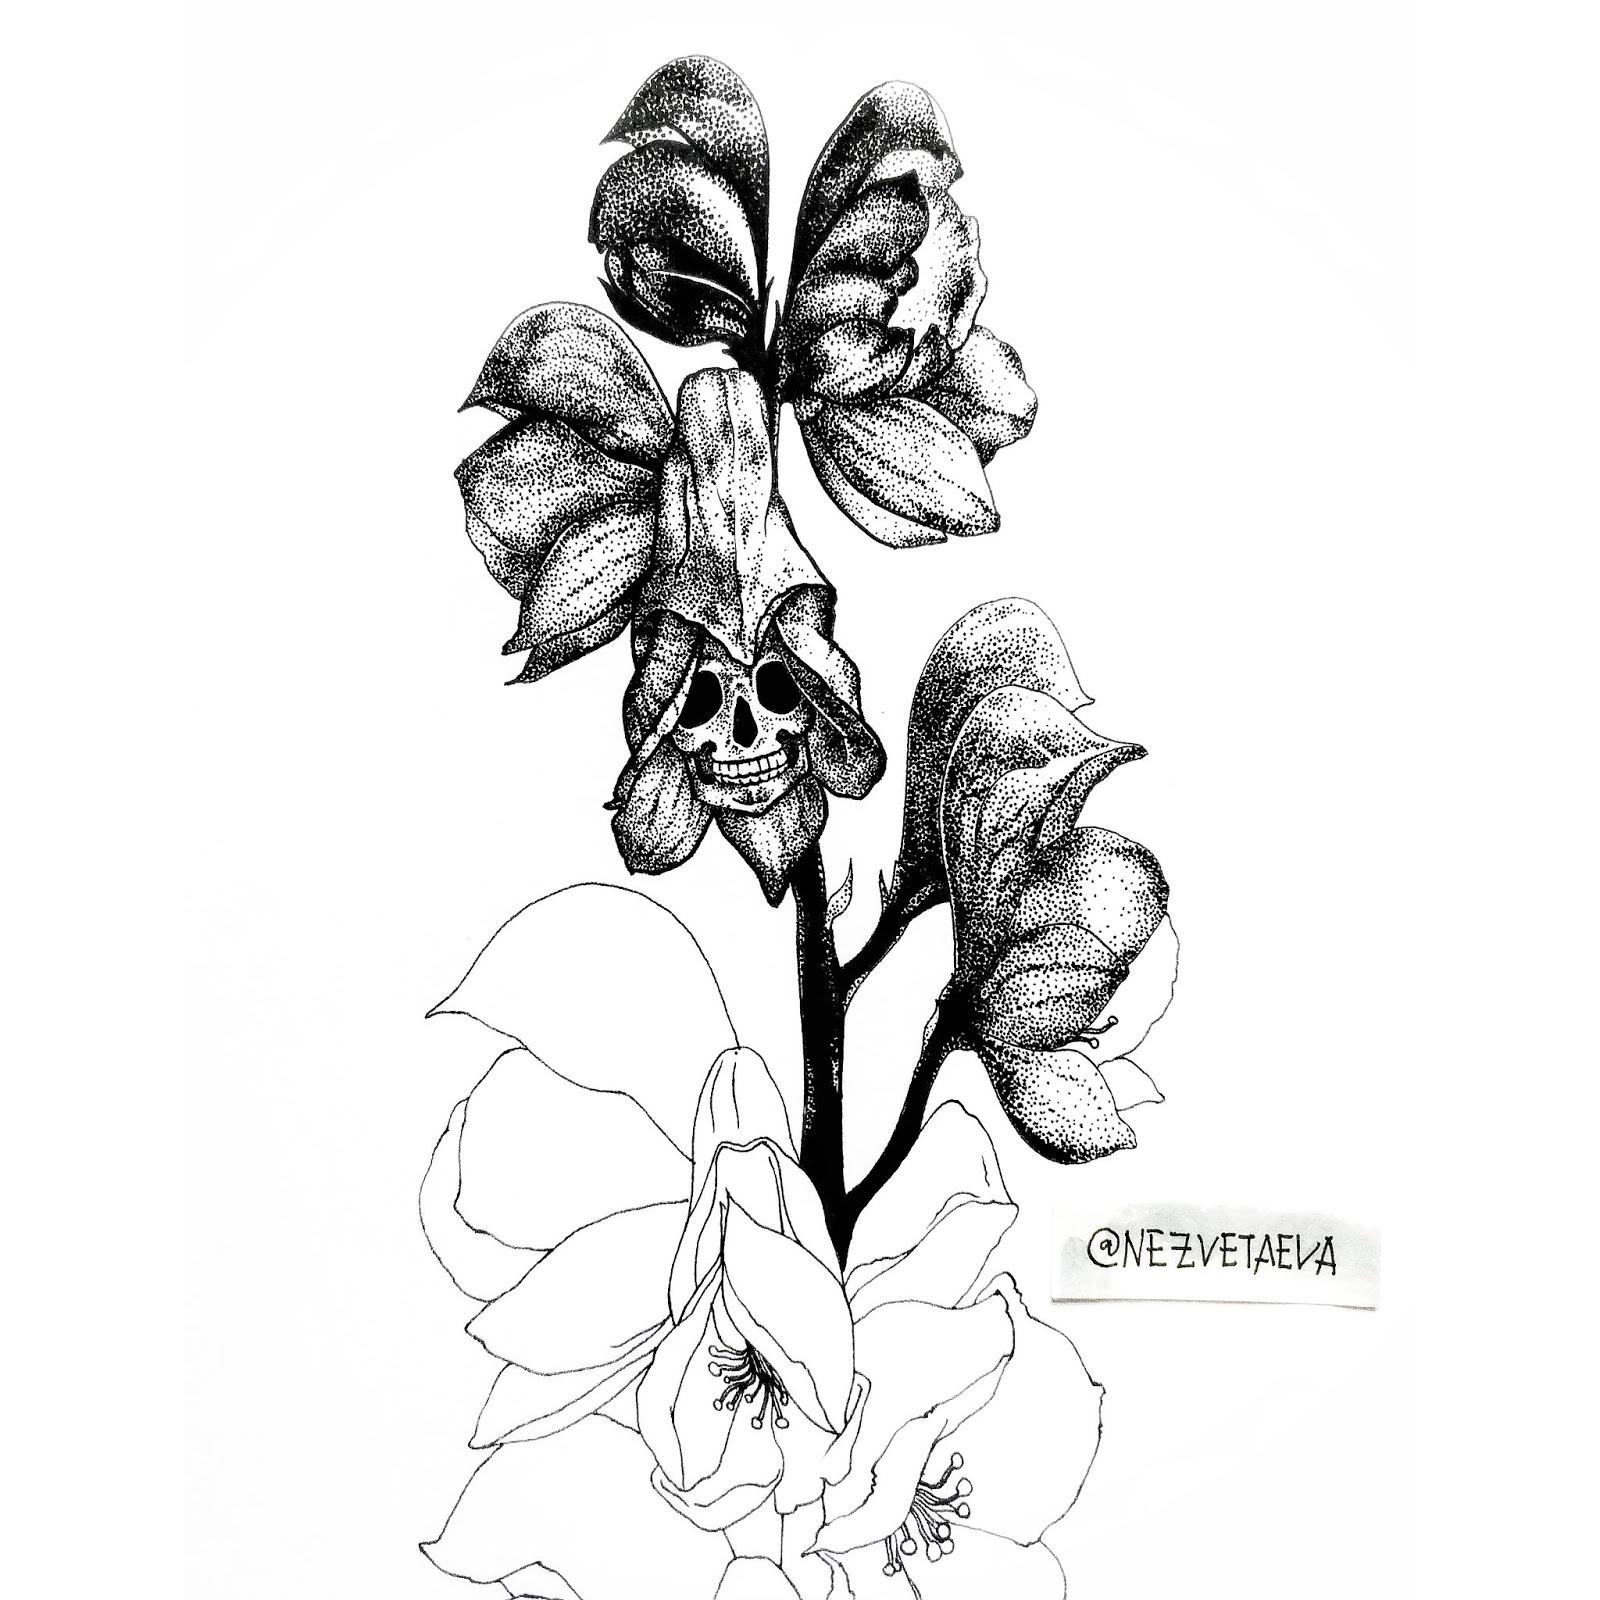 sonia-nezvetaeva-inktober2018-aconitum-dotwork-sketch